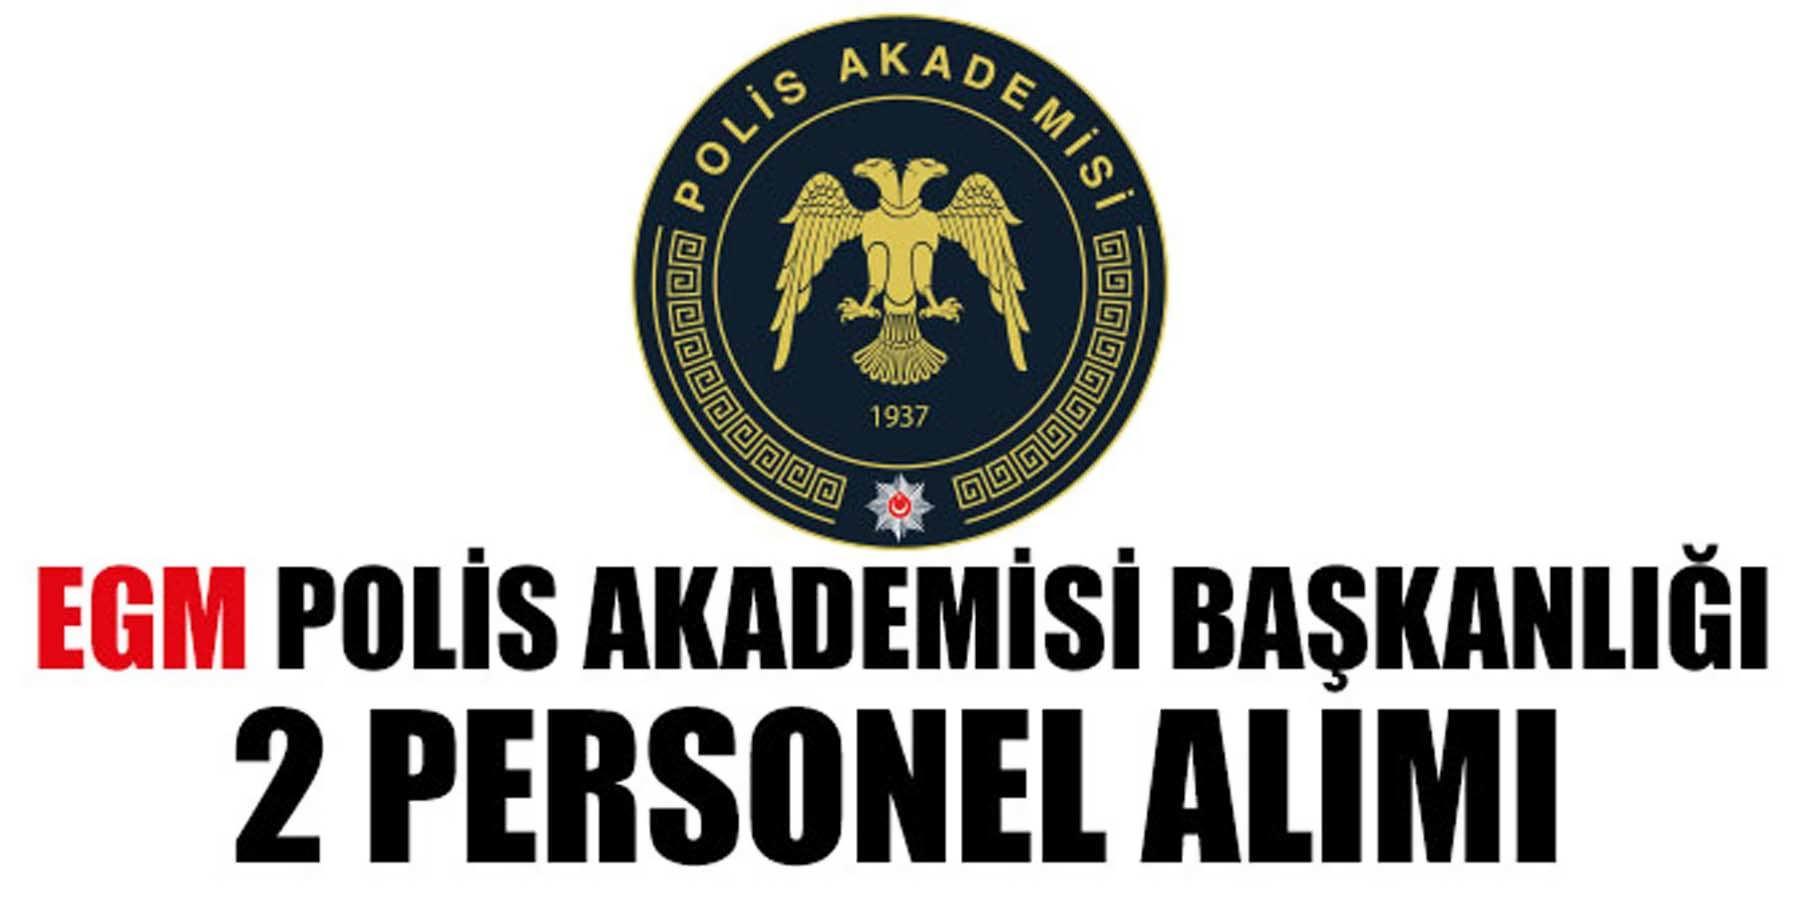 EGM Polis Akademisi Başkanlığı Açıktan Atama İle 2 Personel Alımı